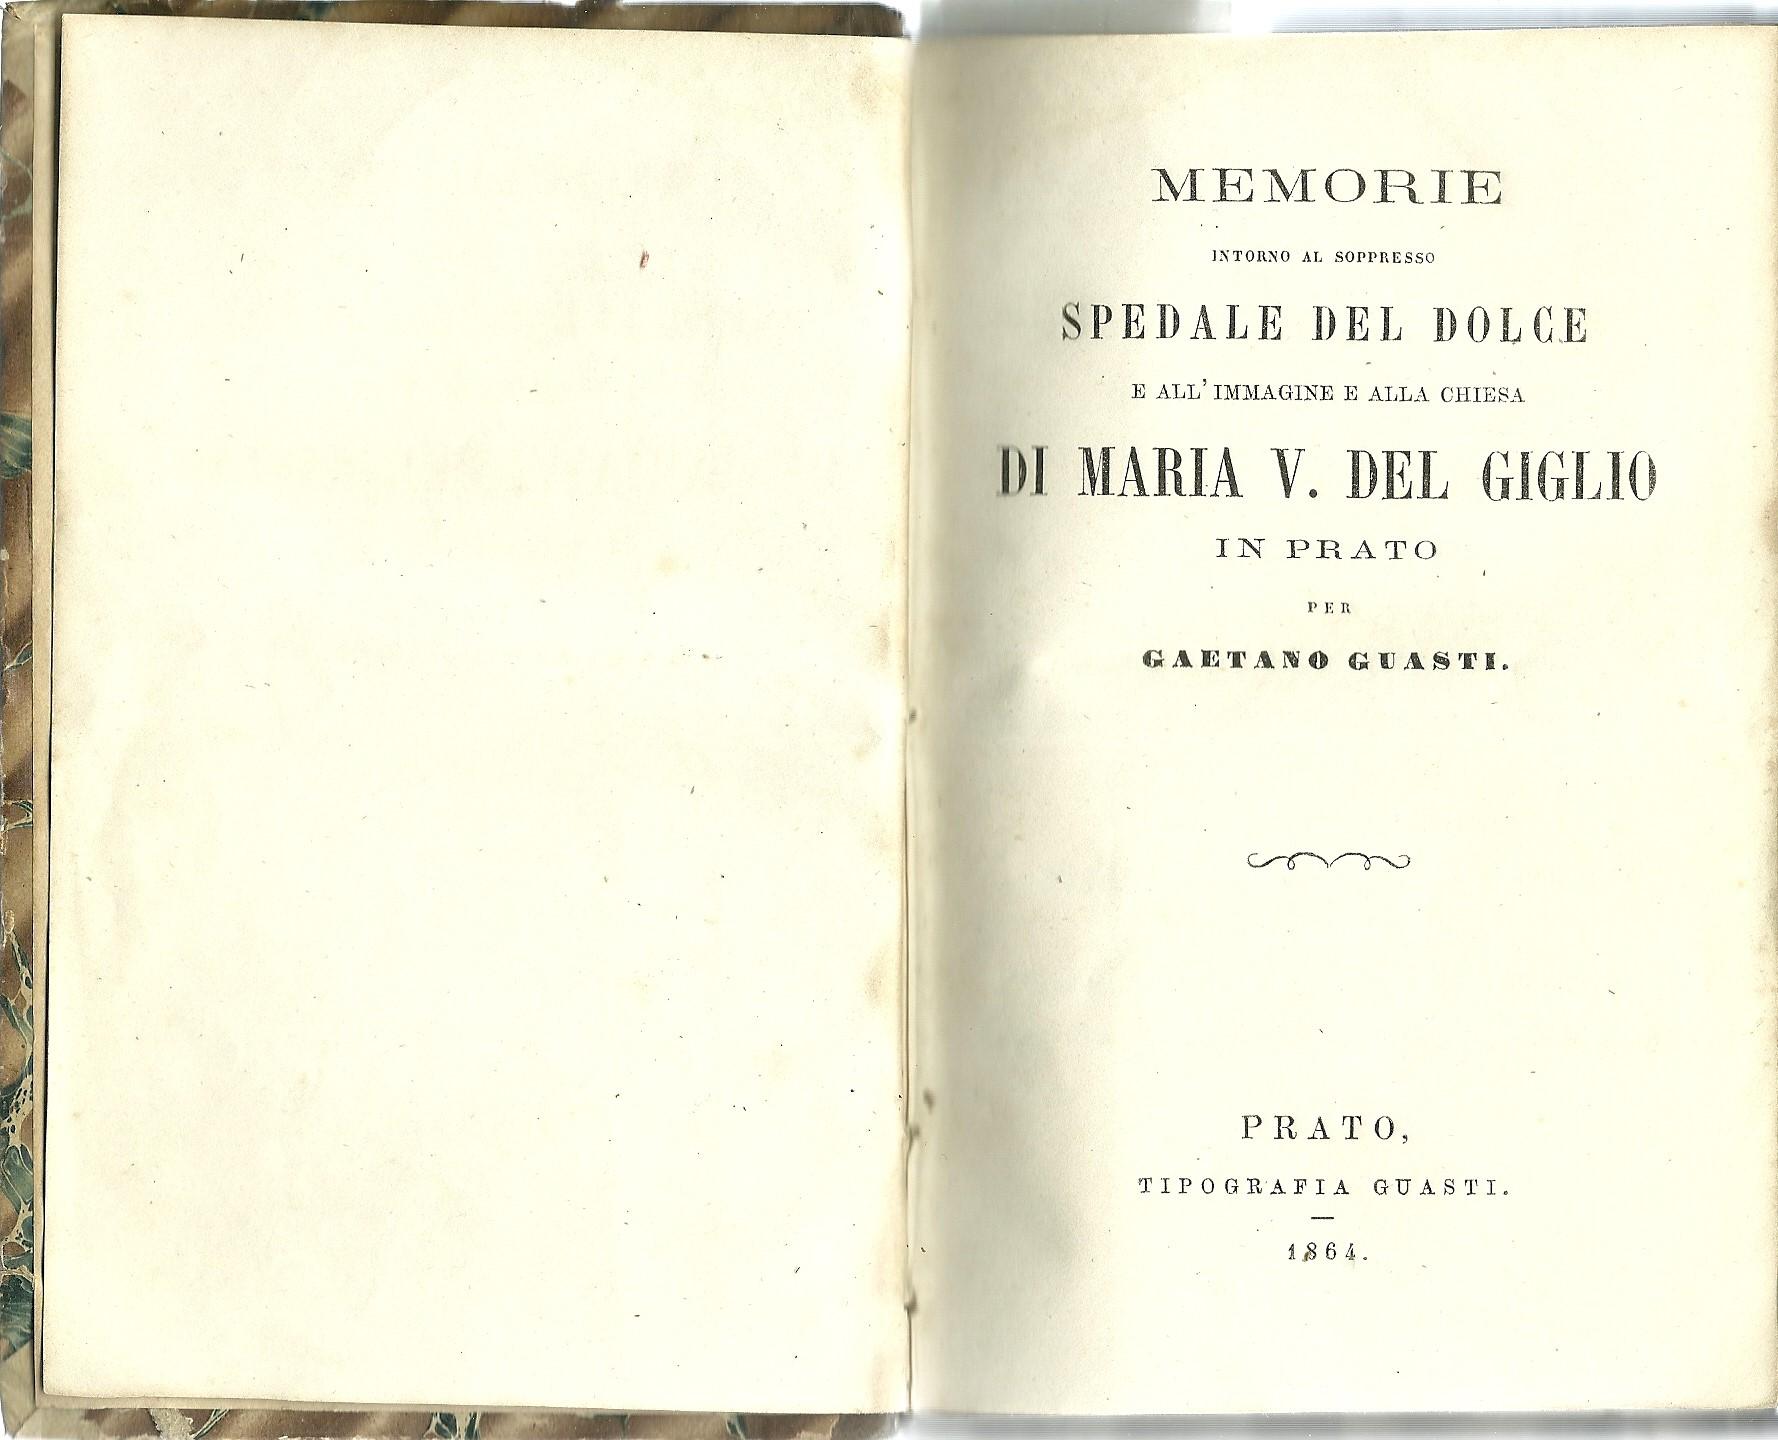 Memorie intorno al soppresso spedale del dolce e all'immagine e alla chiesa di Maria V. del Giglio in Prato